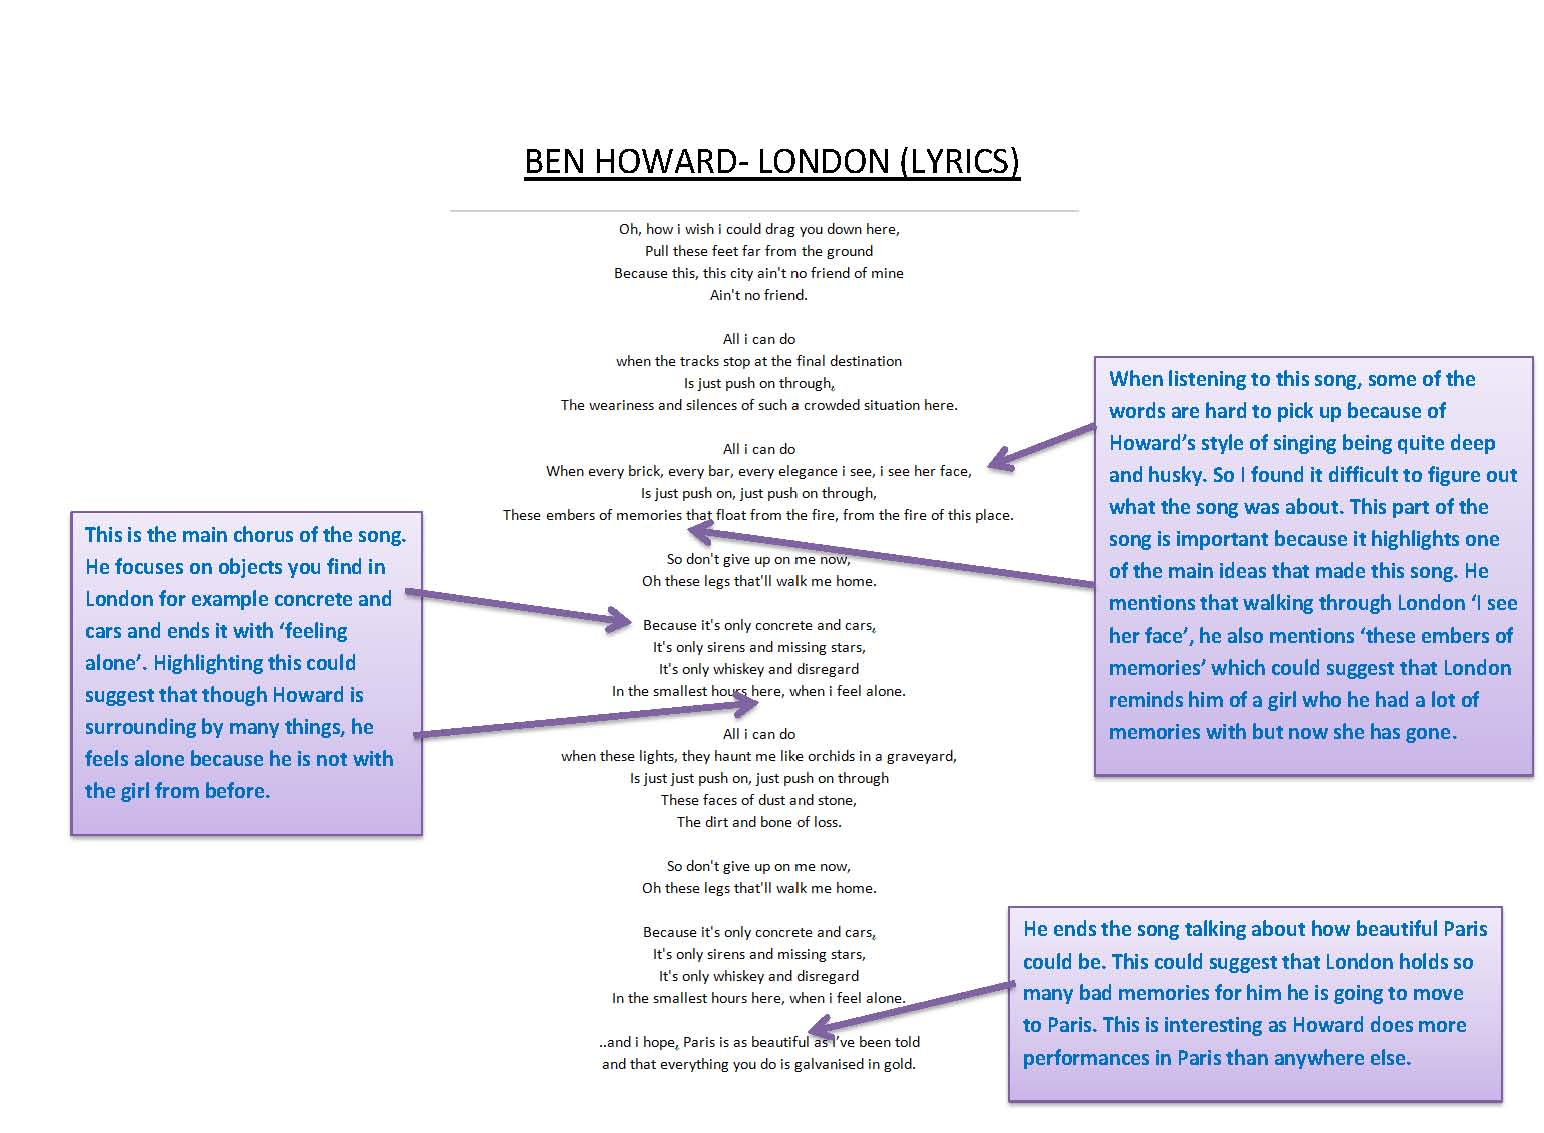 london lyrics: